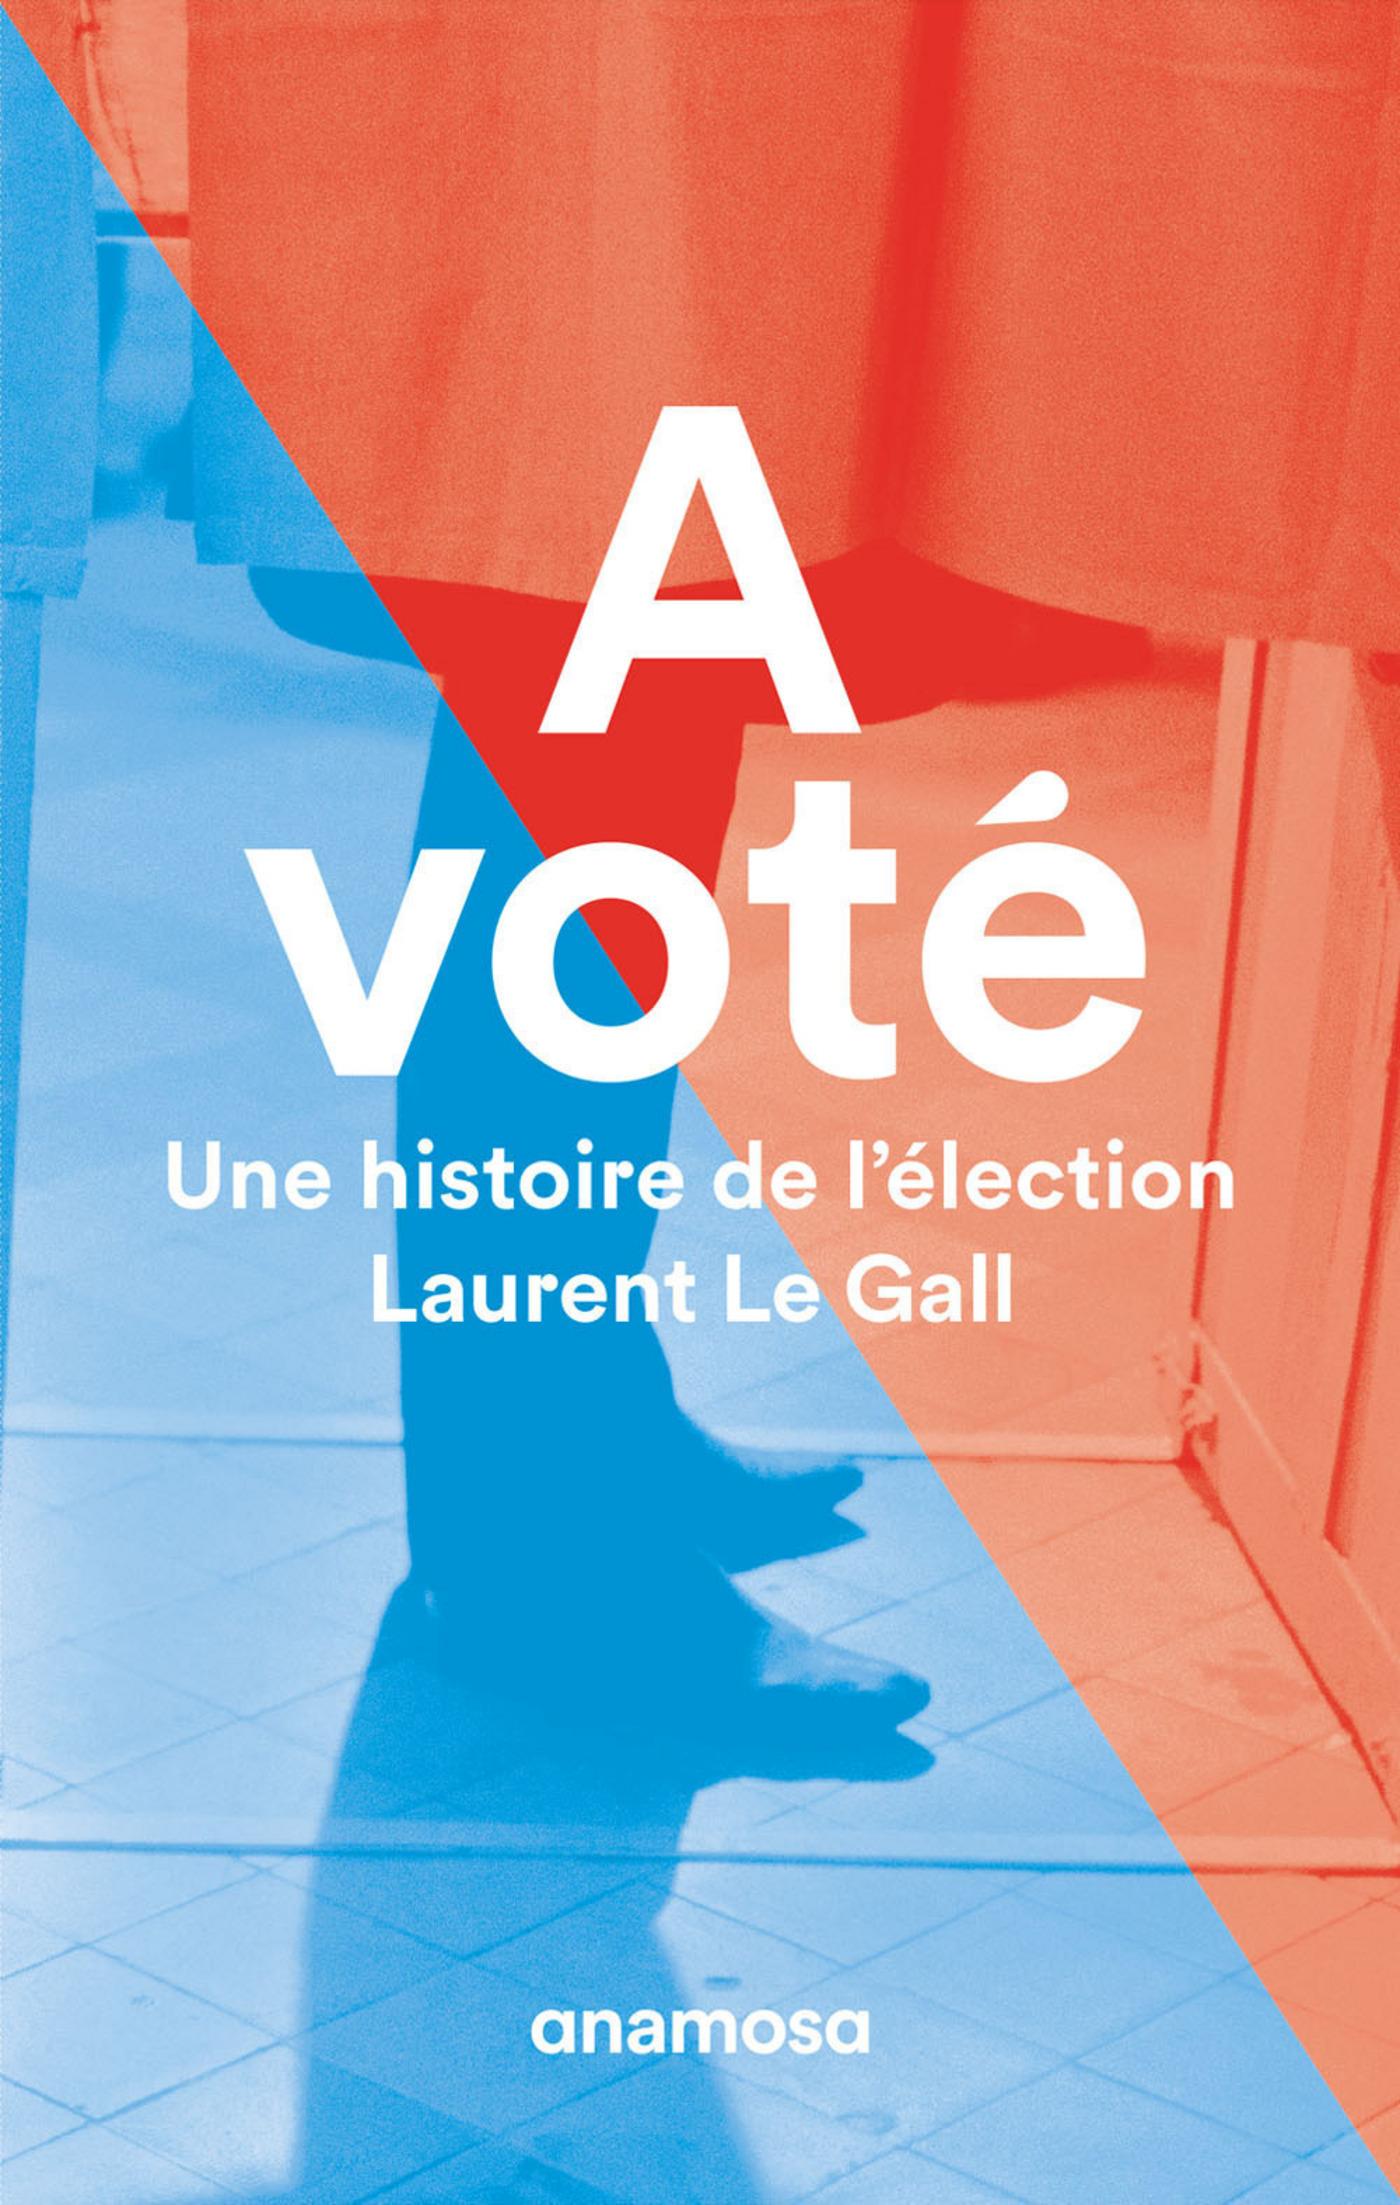 A voté, UNE HISTOIRE DE L'ÉLECTION